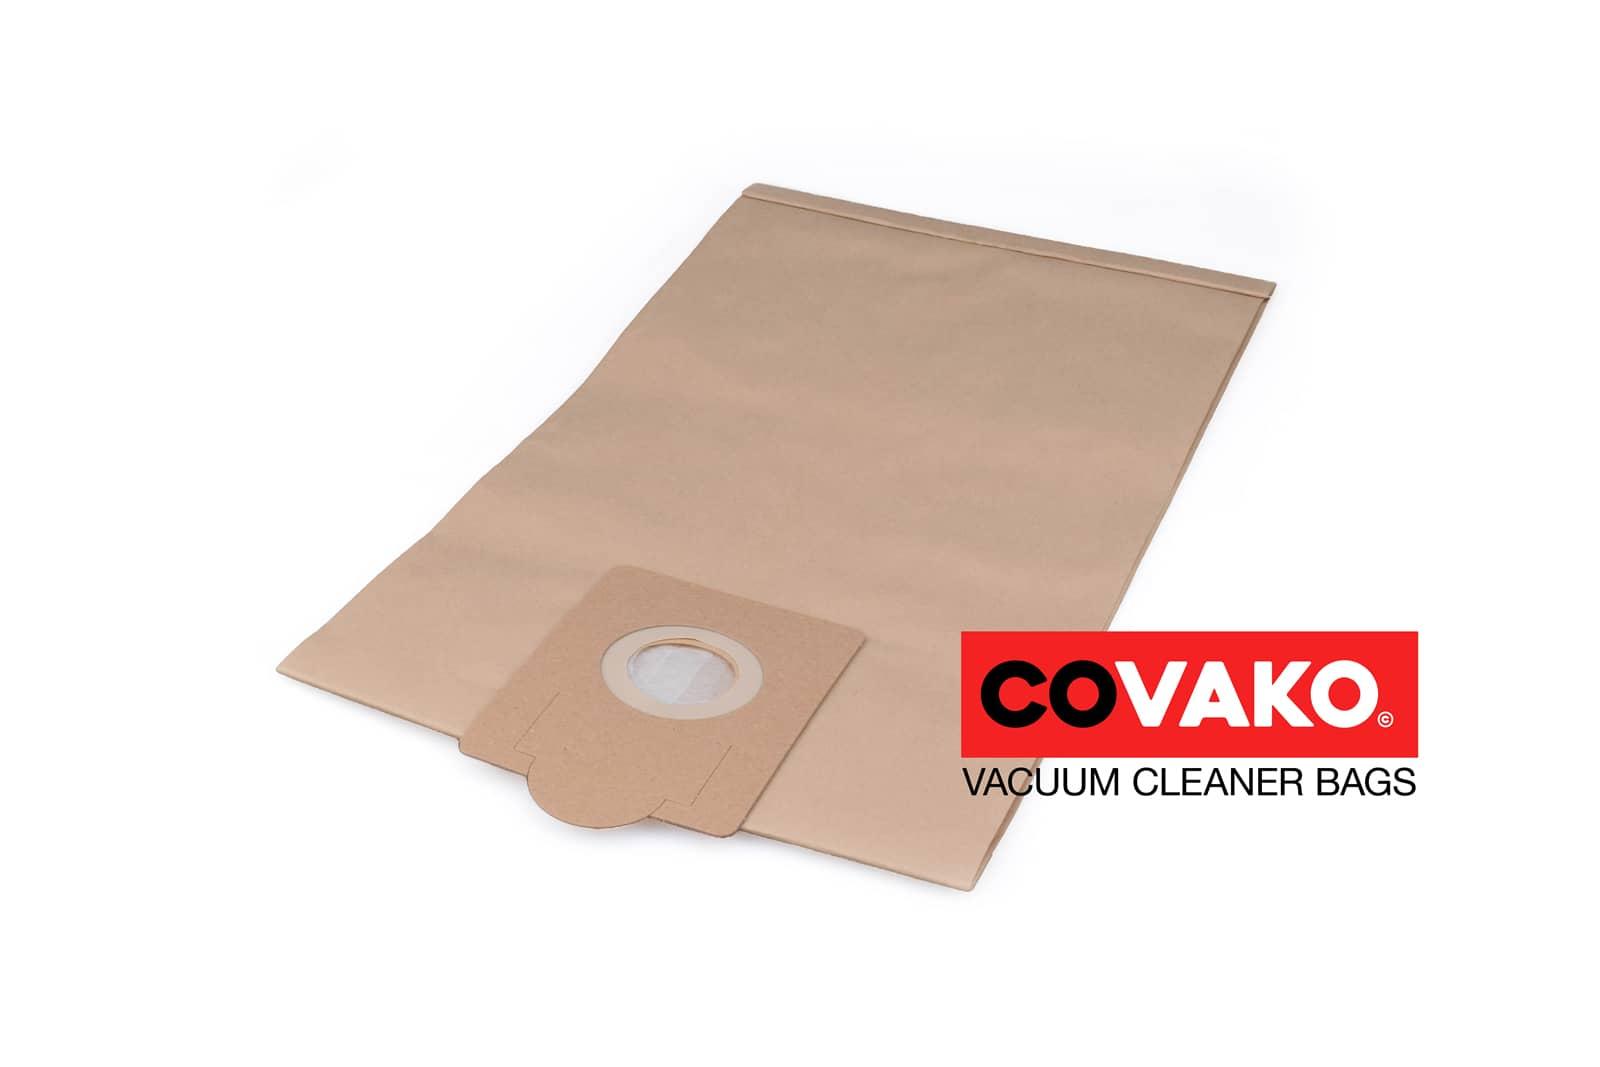 Lorito K103200941 / Paper - Lorito vacuum cleaner bags